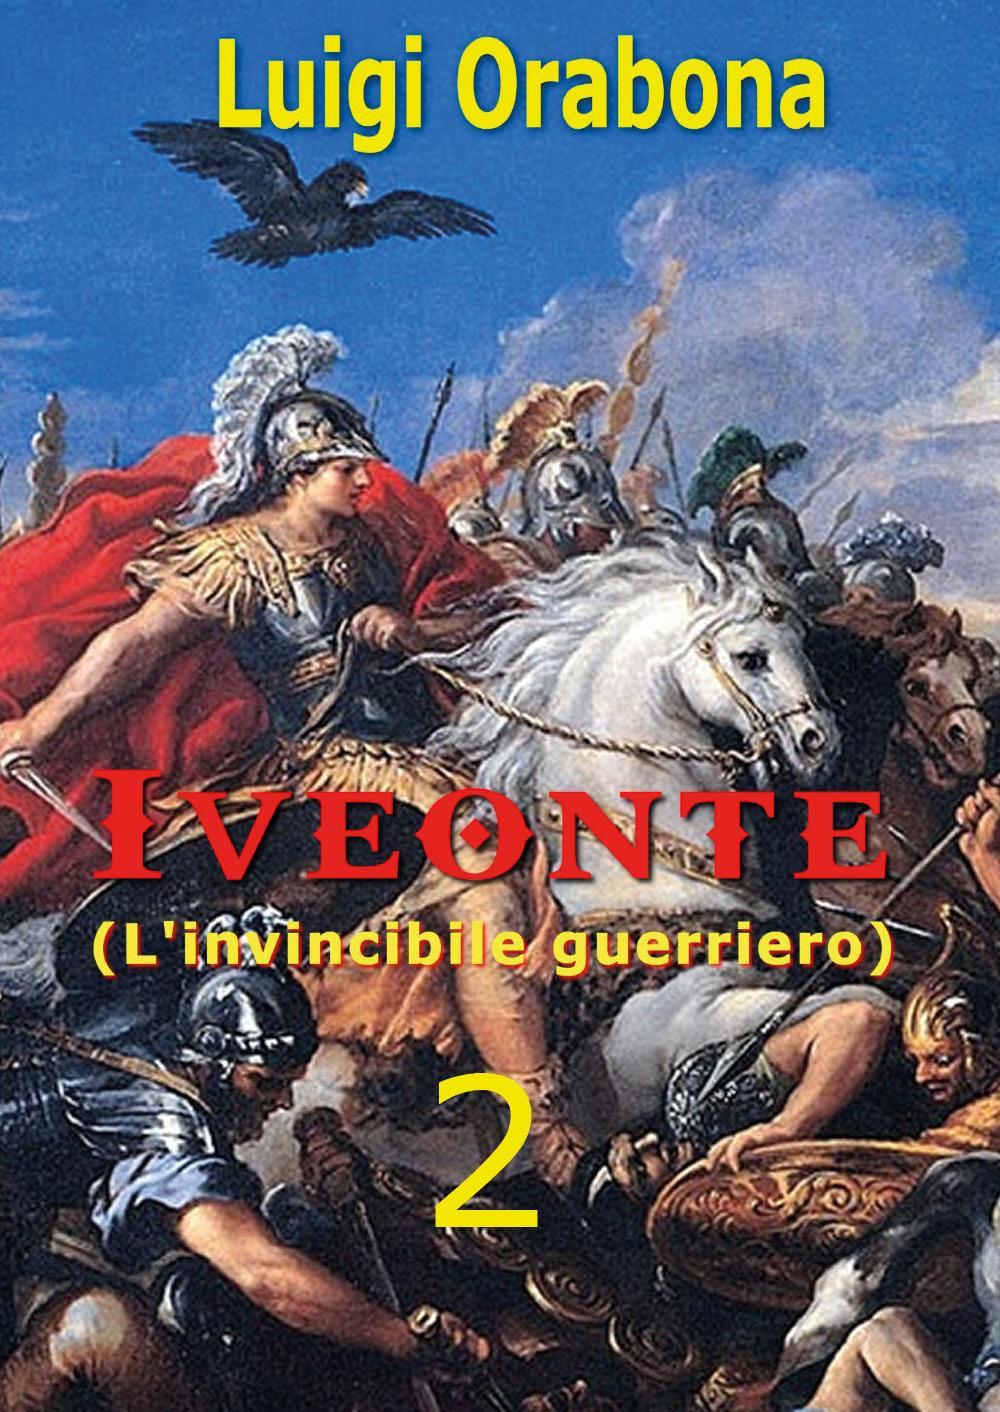 Iveonte (L'invincibile guerriero) Vol. 2